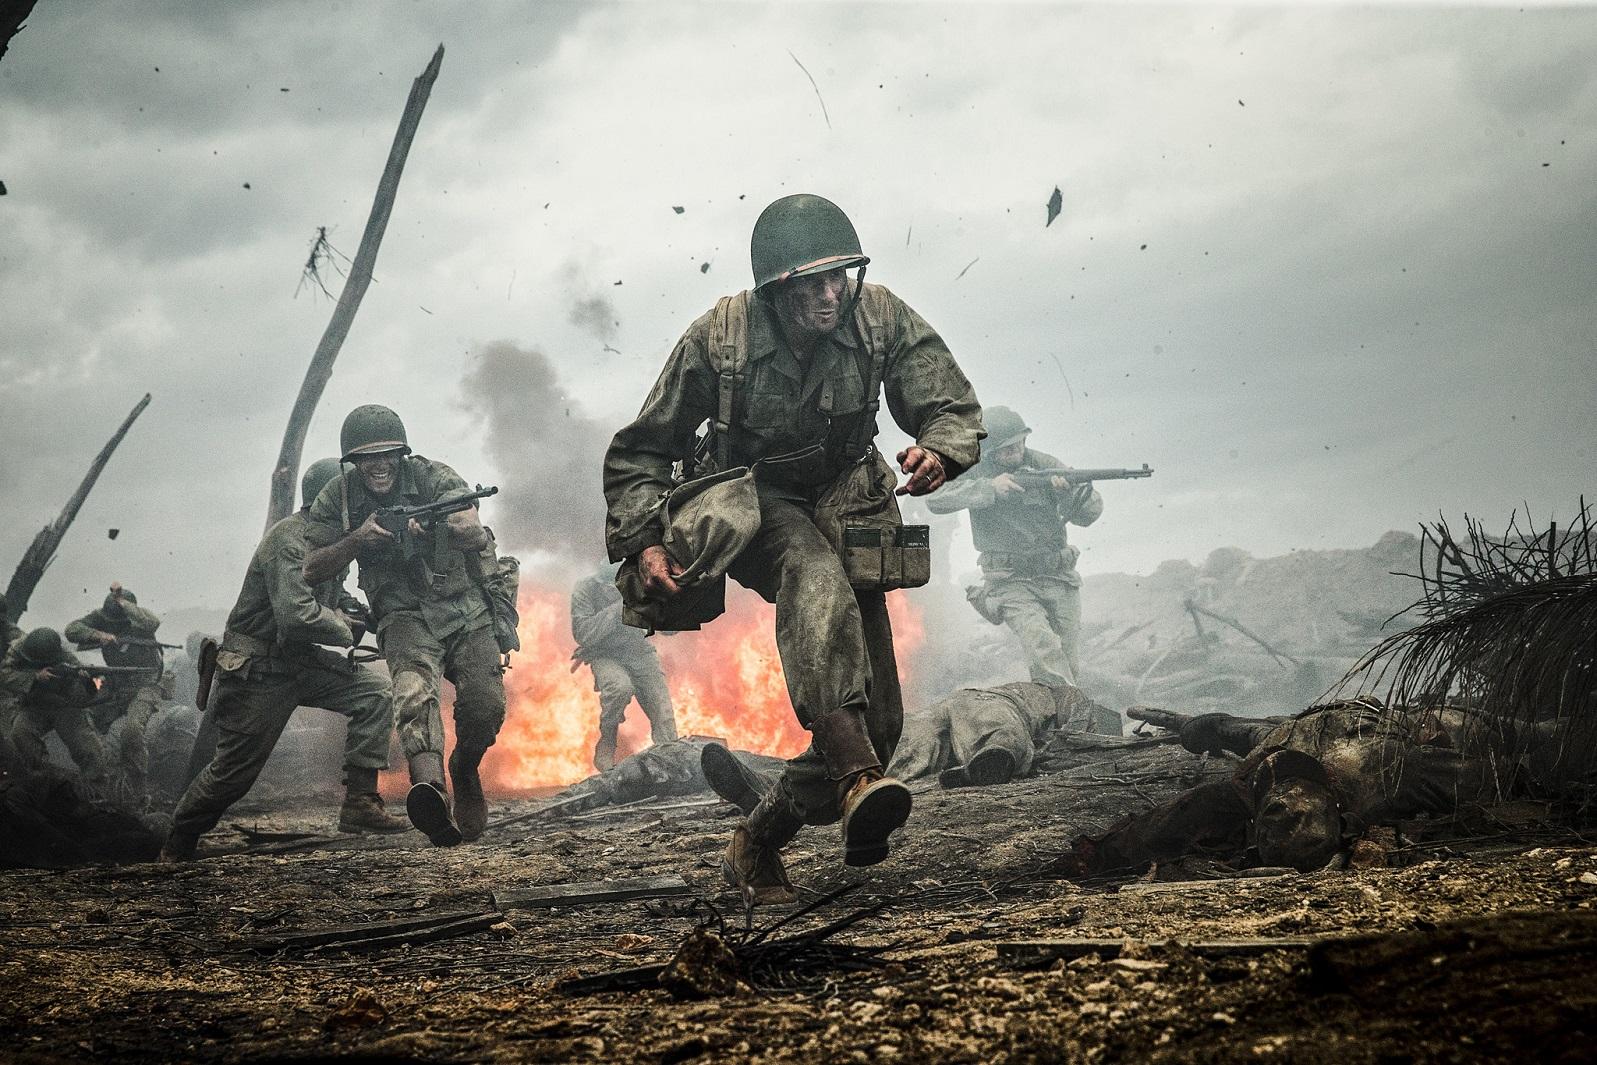 La battaglia di Hacksaw Ridge recensione